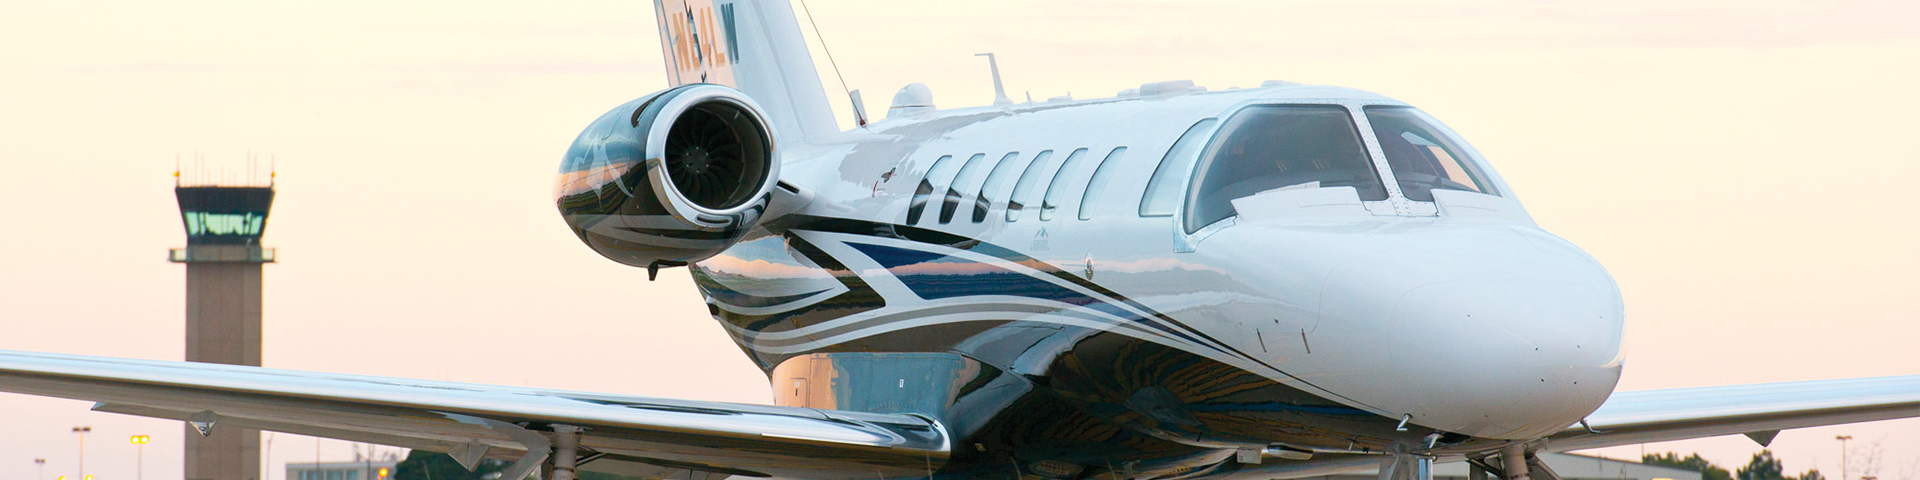 Citation CJ21 - Citation CJ2 Private Jet